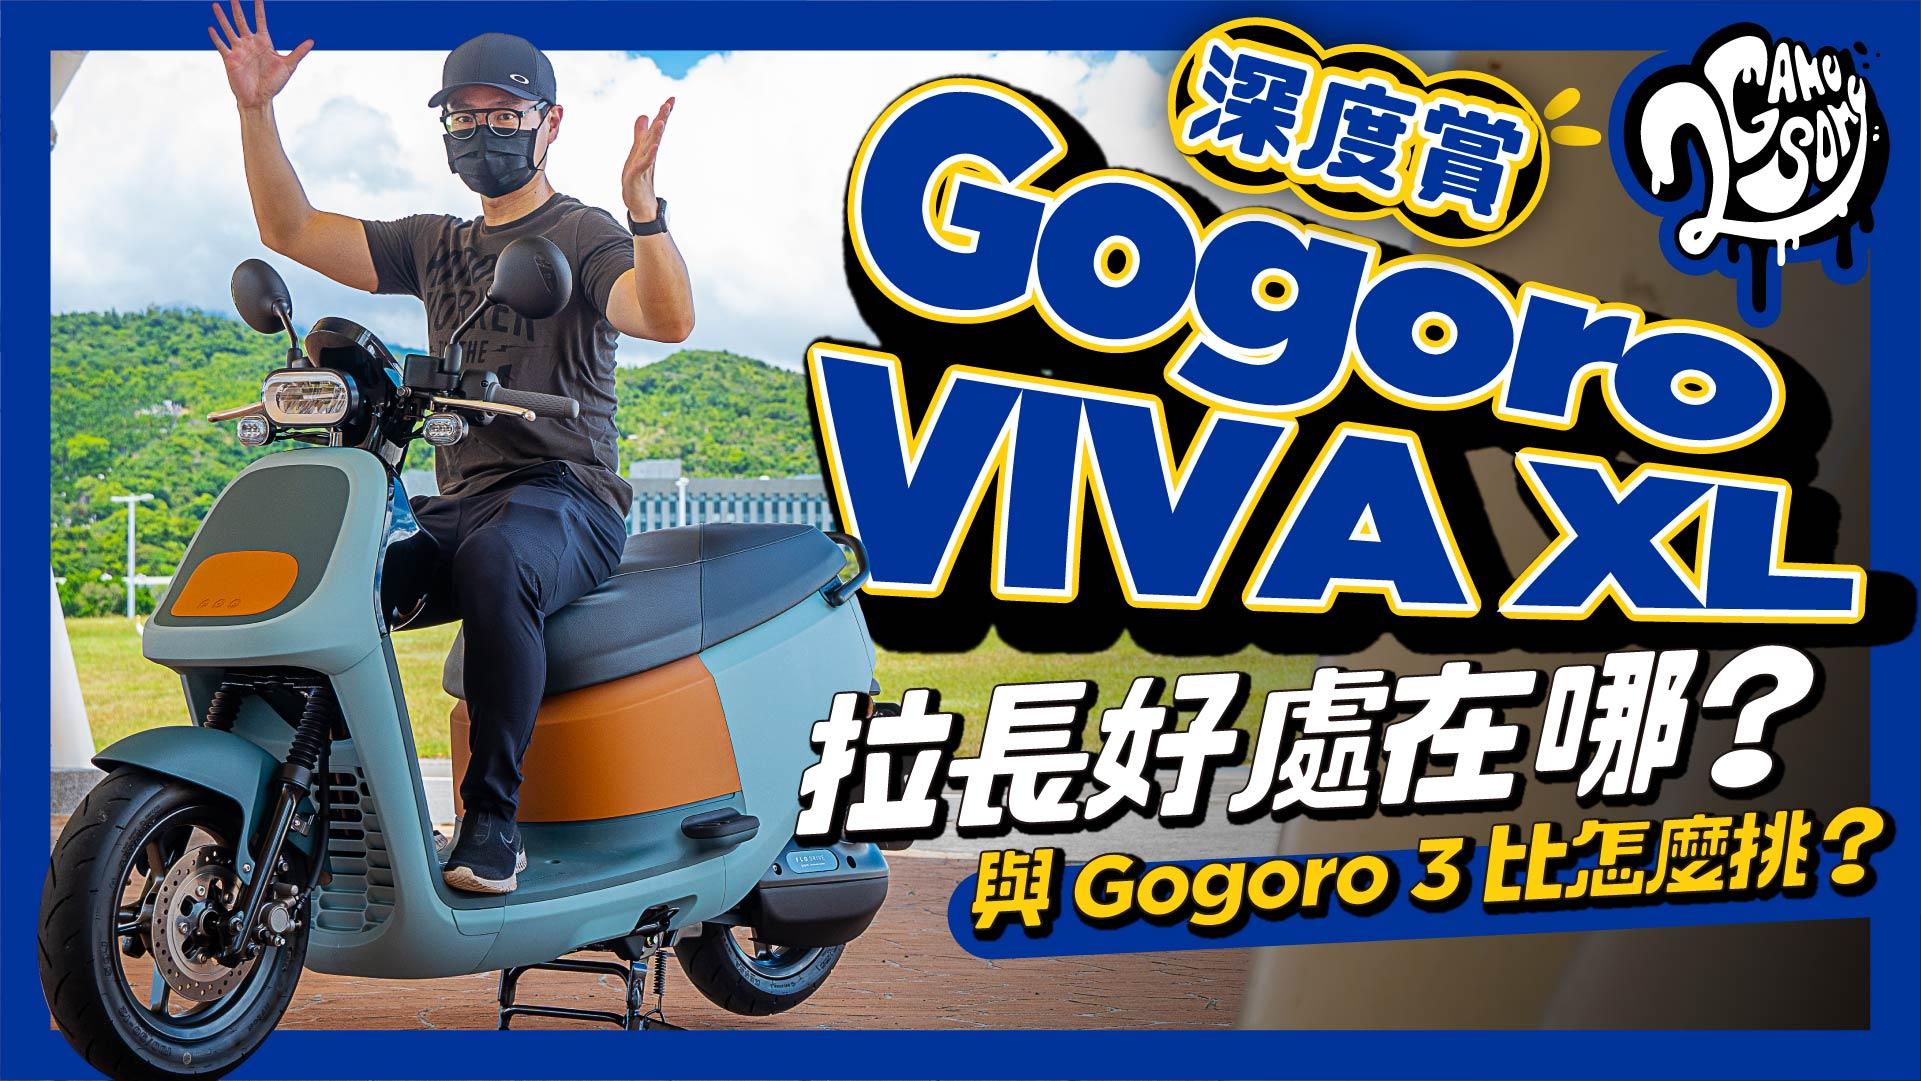 Gogoro VIVA XL 深度賞|車身拉長好處在哪?與 Gogoro 3 比怎麼挑?